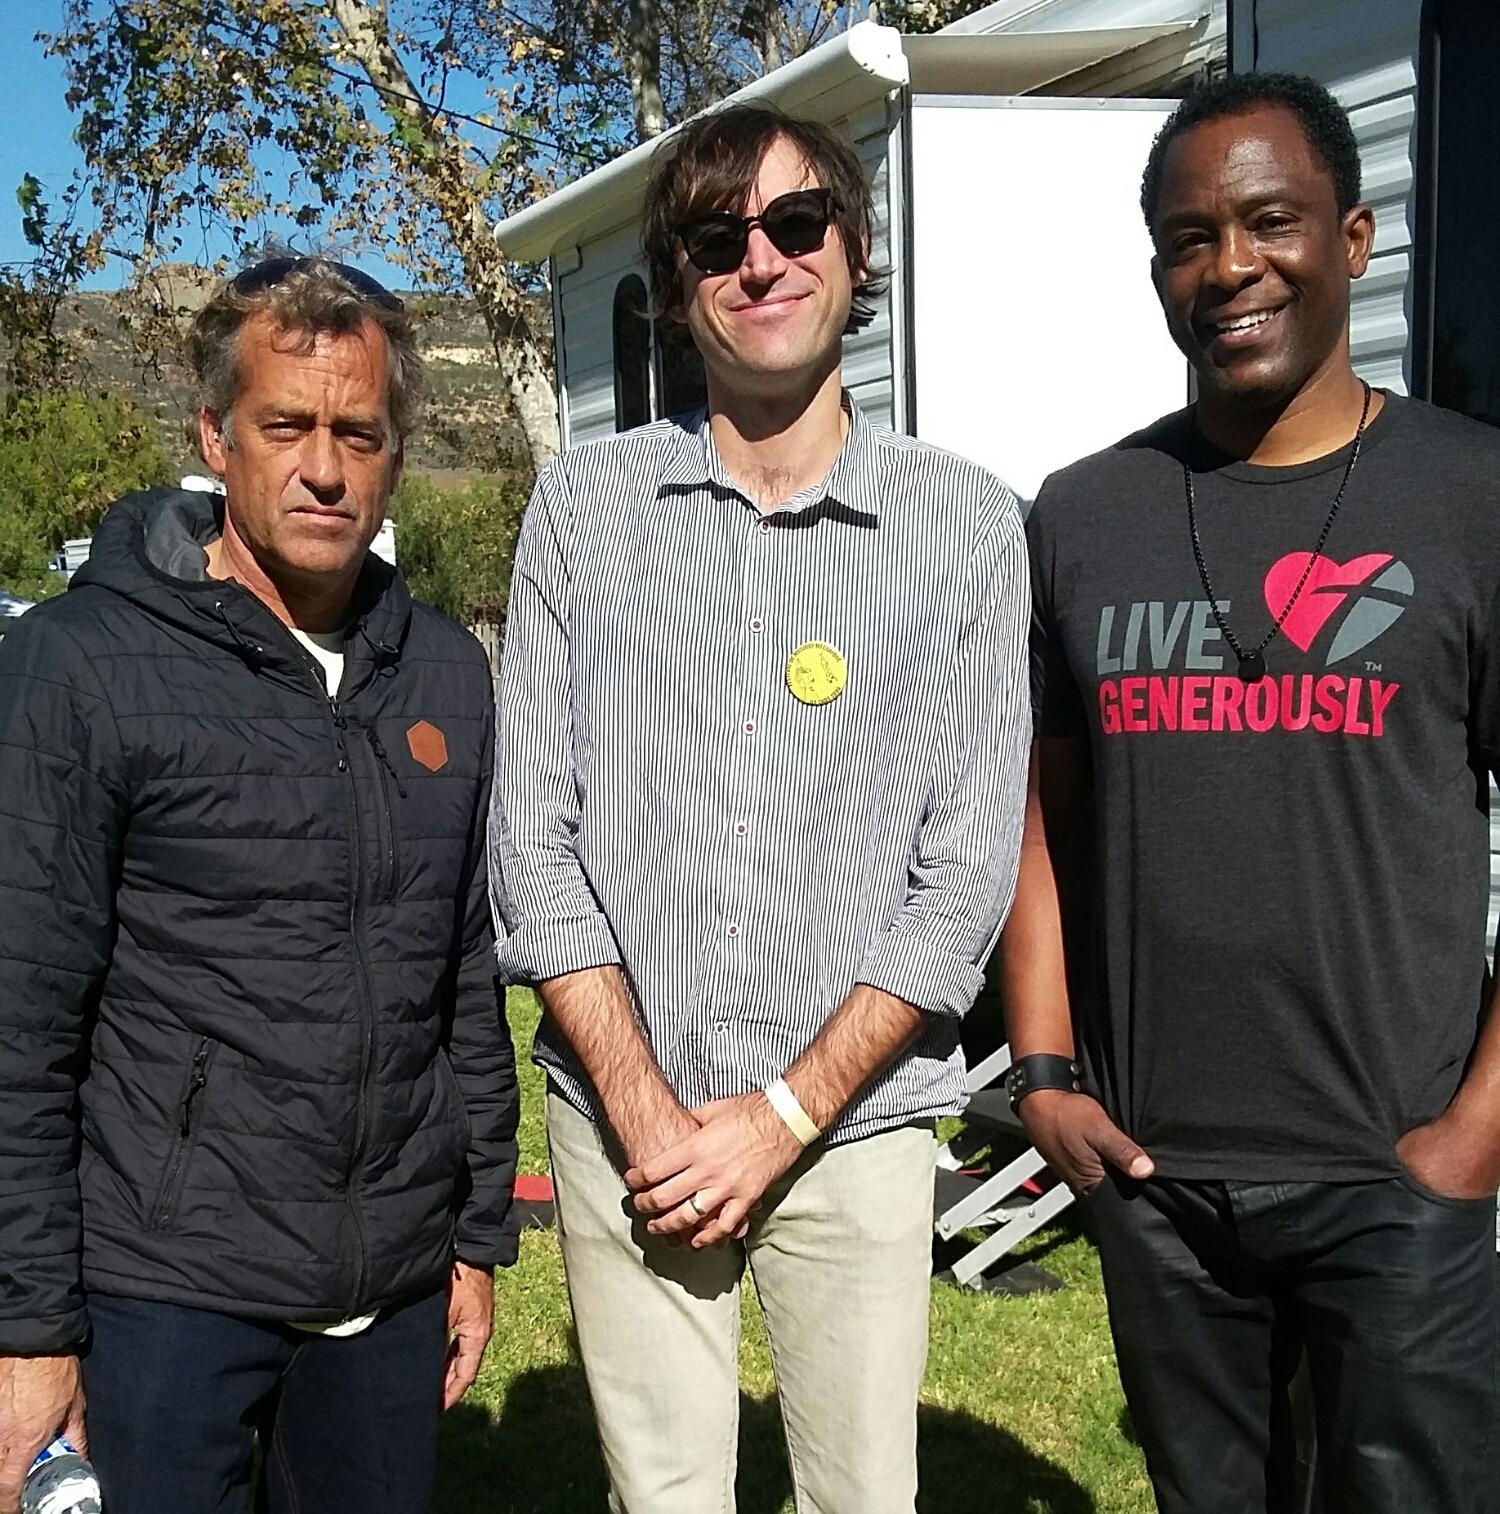 Tom Curren & Matt Costa & Chris Swann